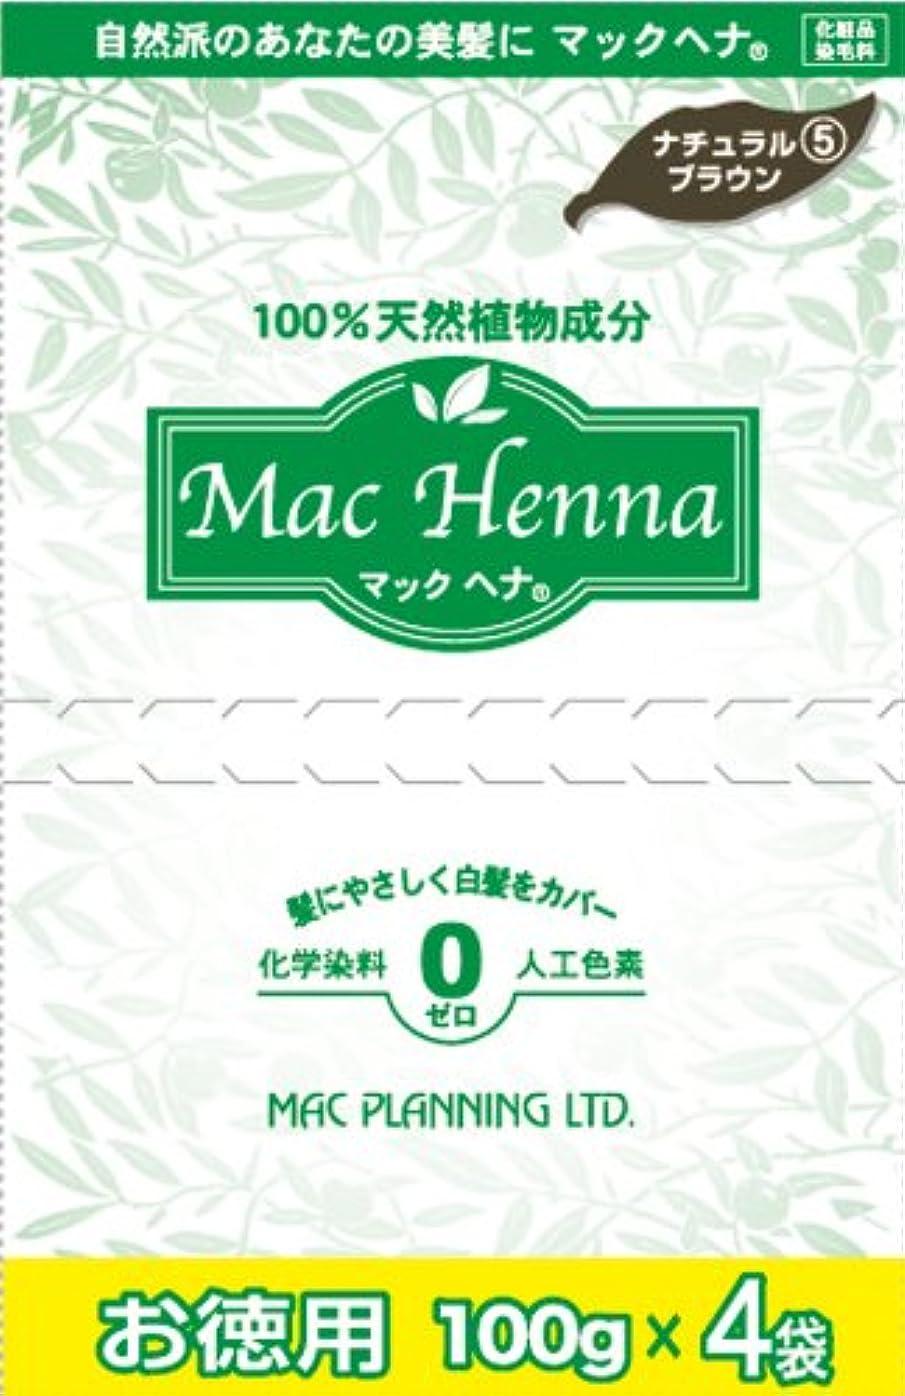 艶ホット嵐天然植物原料100% 無添加 マックヘナ お徳用(ナチュラルブラウン)-5  400g(100g×4袋)2箱セット